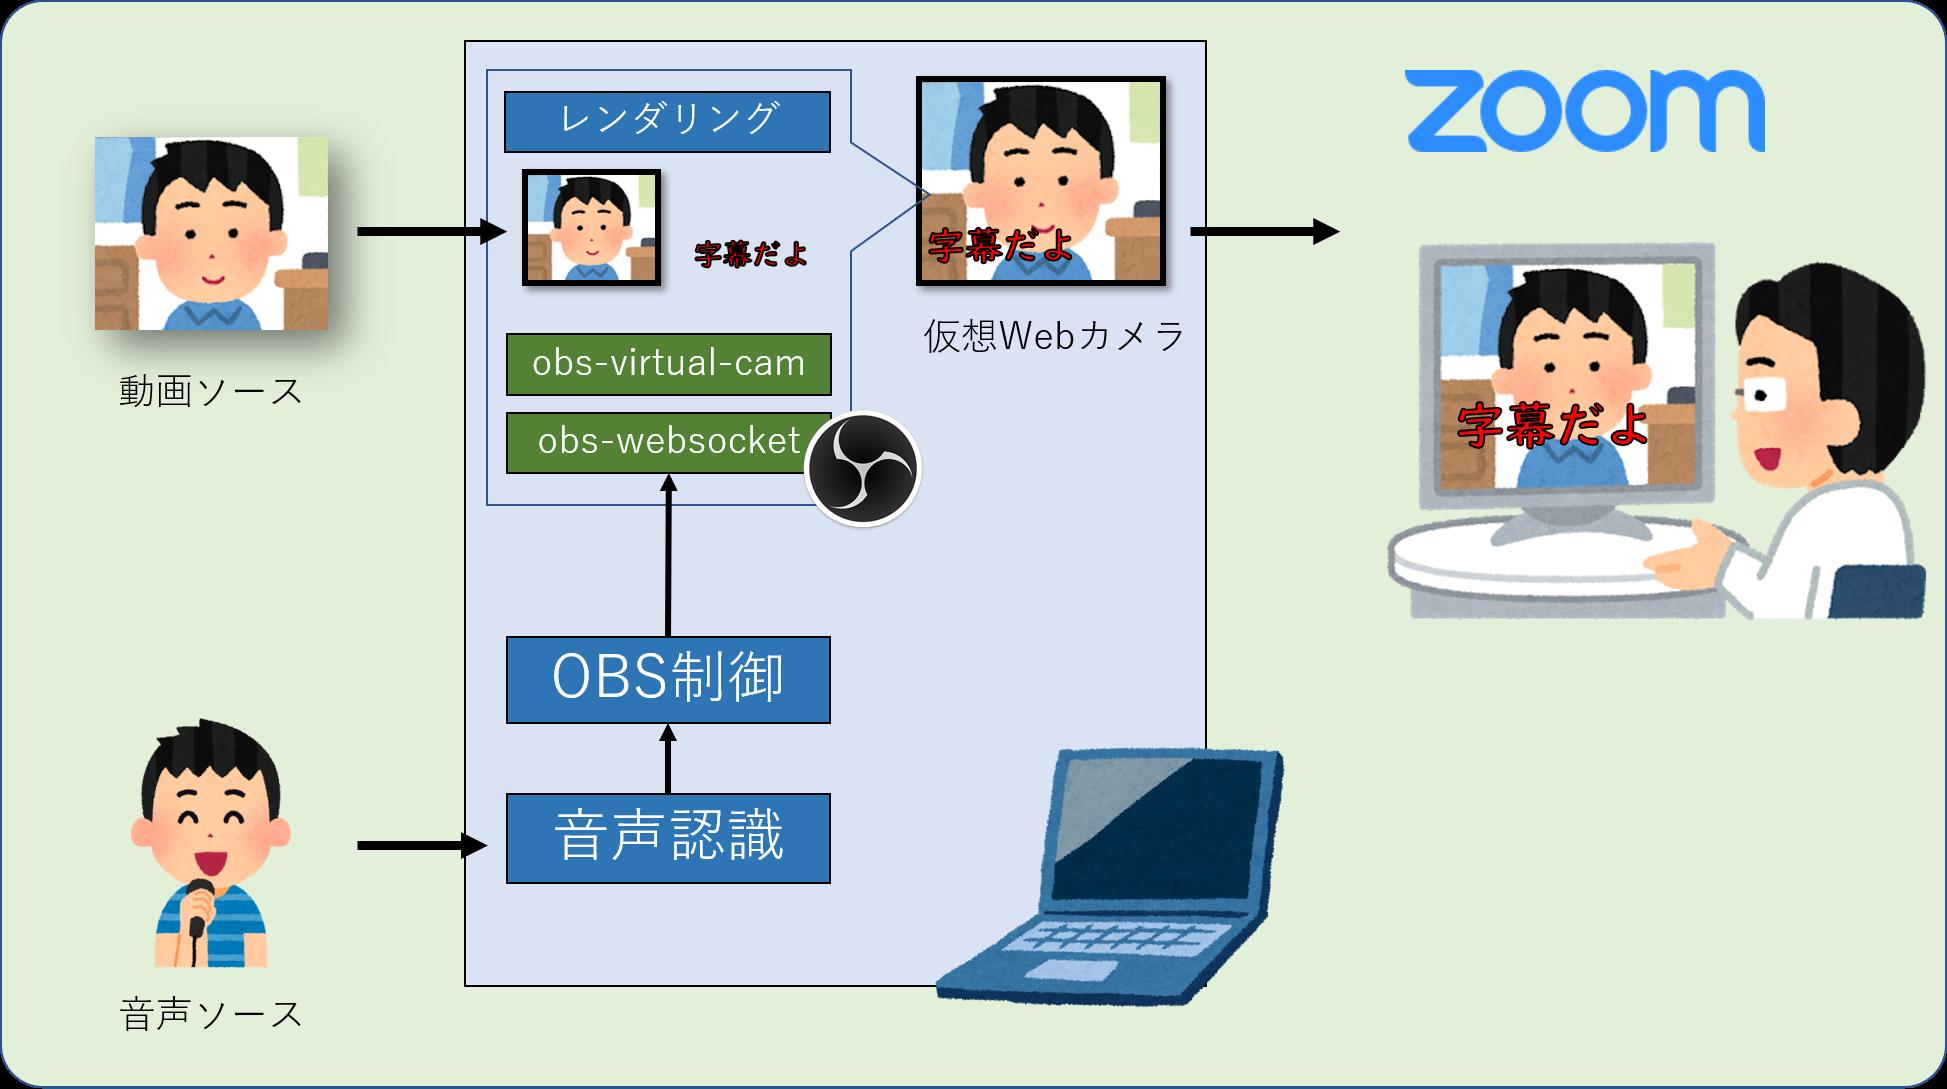 字幕 zoom